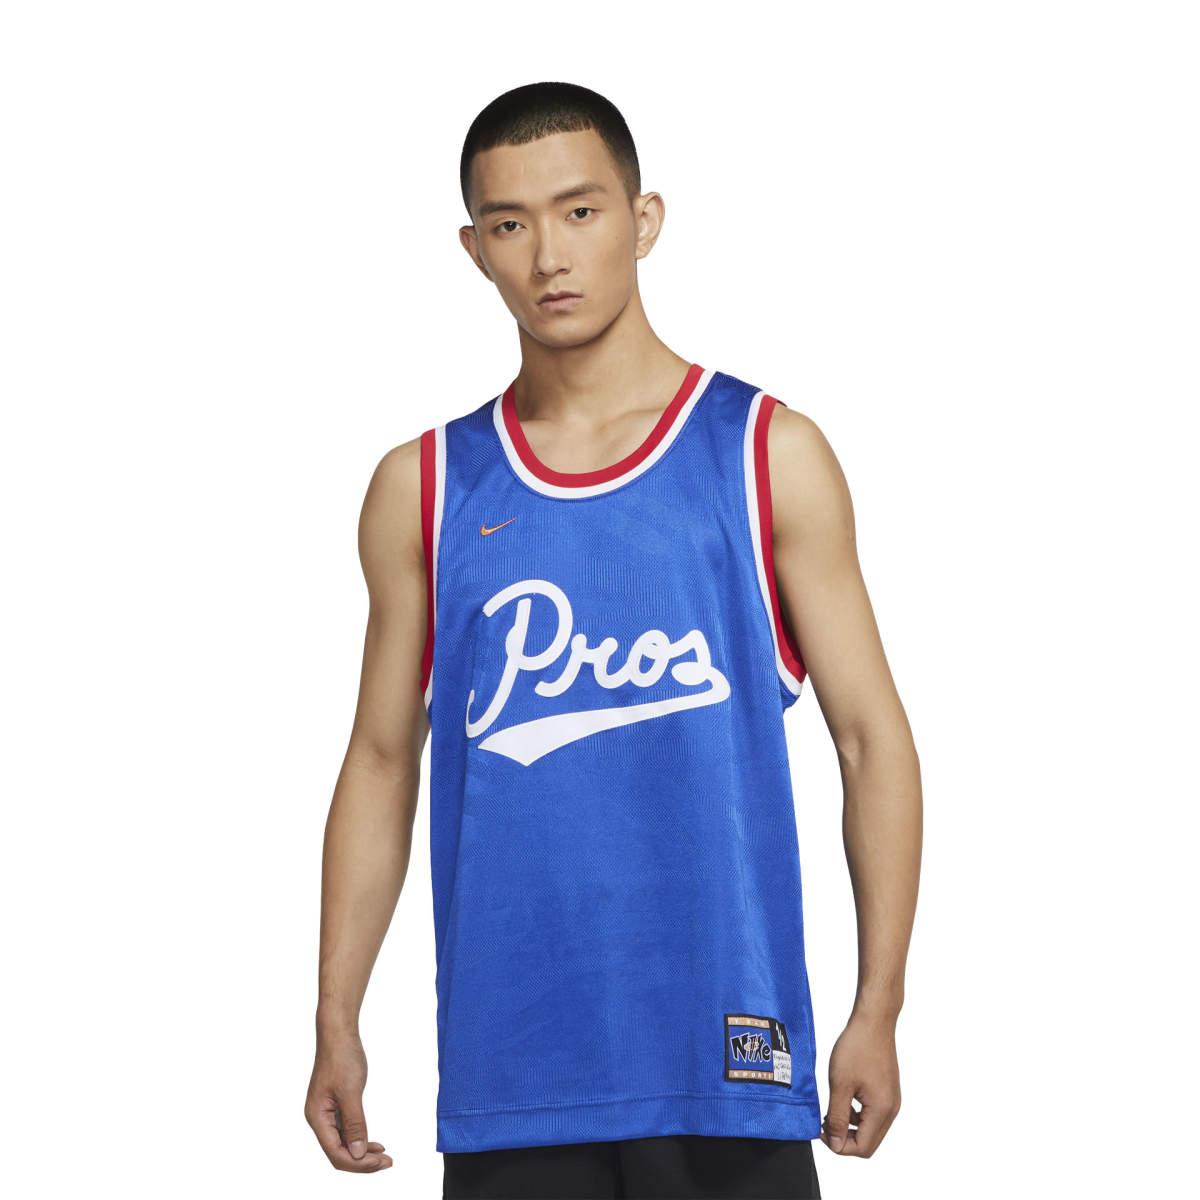 Lil penny prm jersey